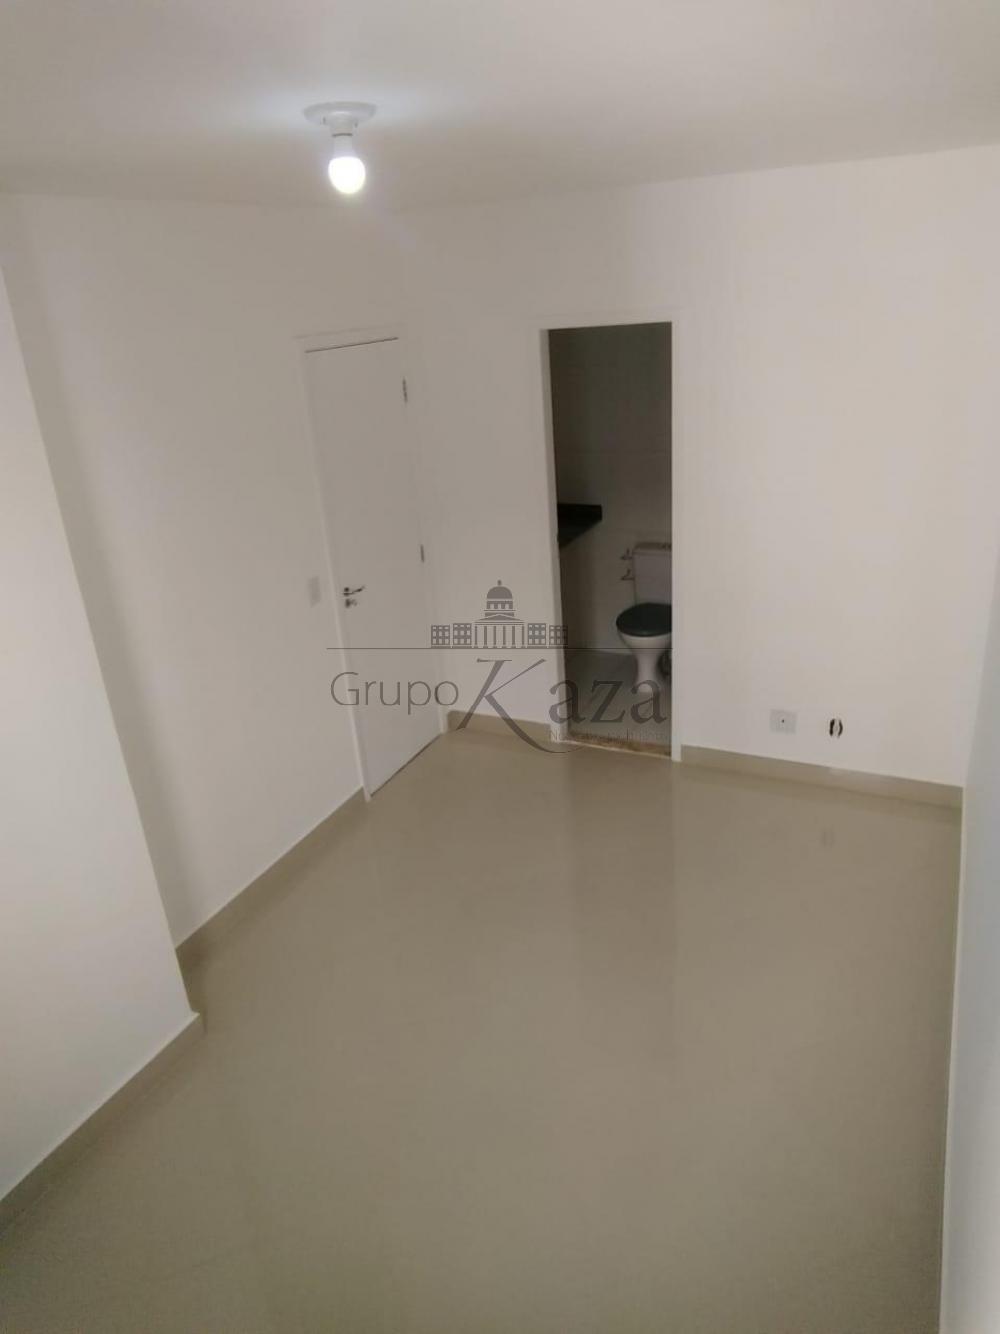 Comprar Apartamento / Padrão em Taubaté apenas R$ 250.000,00 - Foto 11